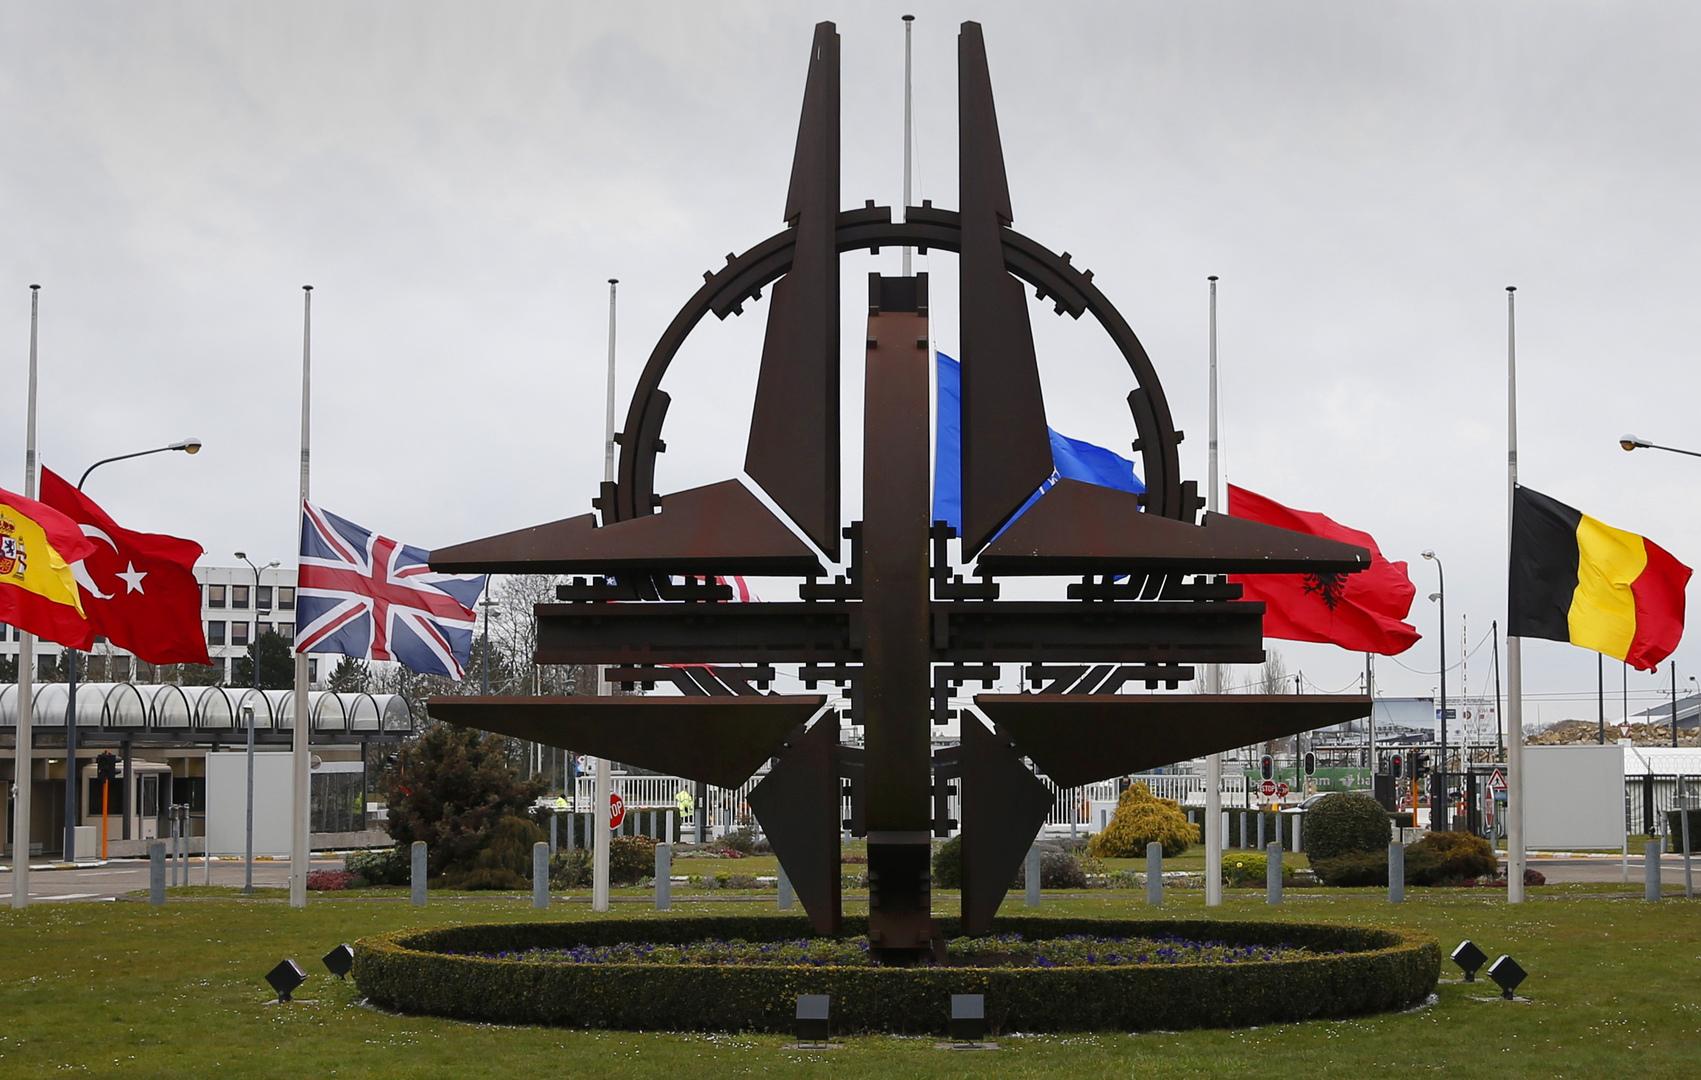 الجمعية البرلمانية للناتو: روسيا في حدودها الغربية تتقدم عسكريا على قواتنا